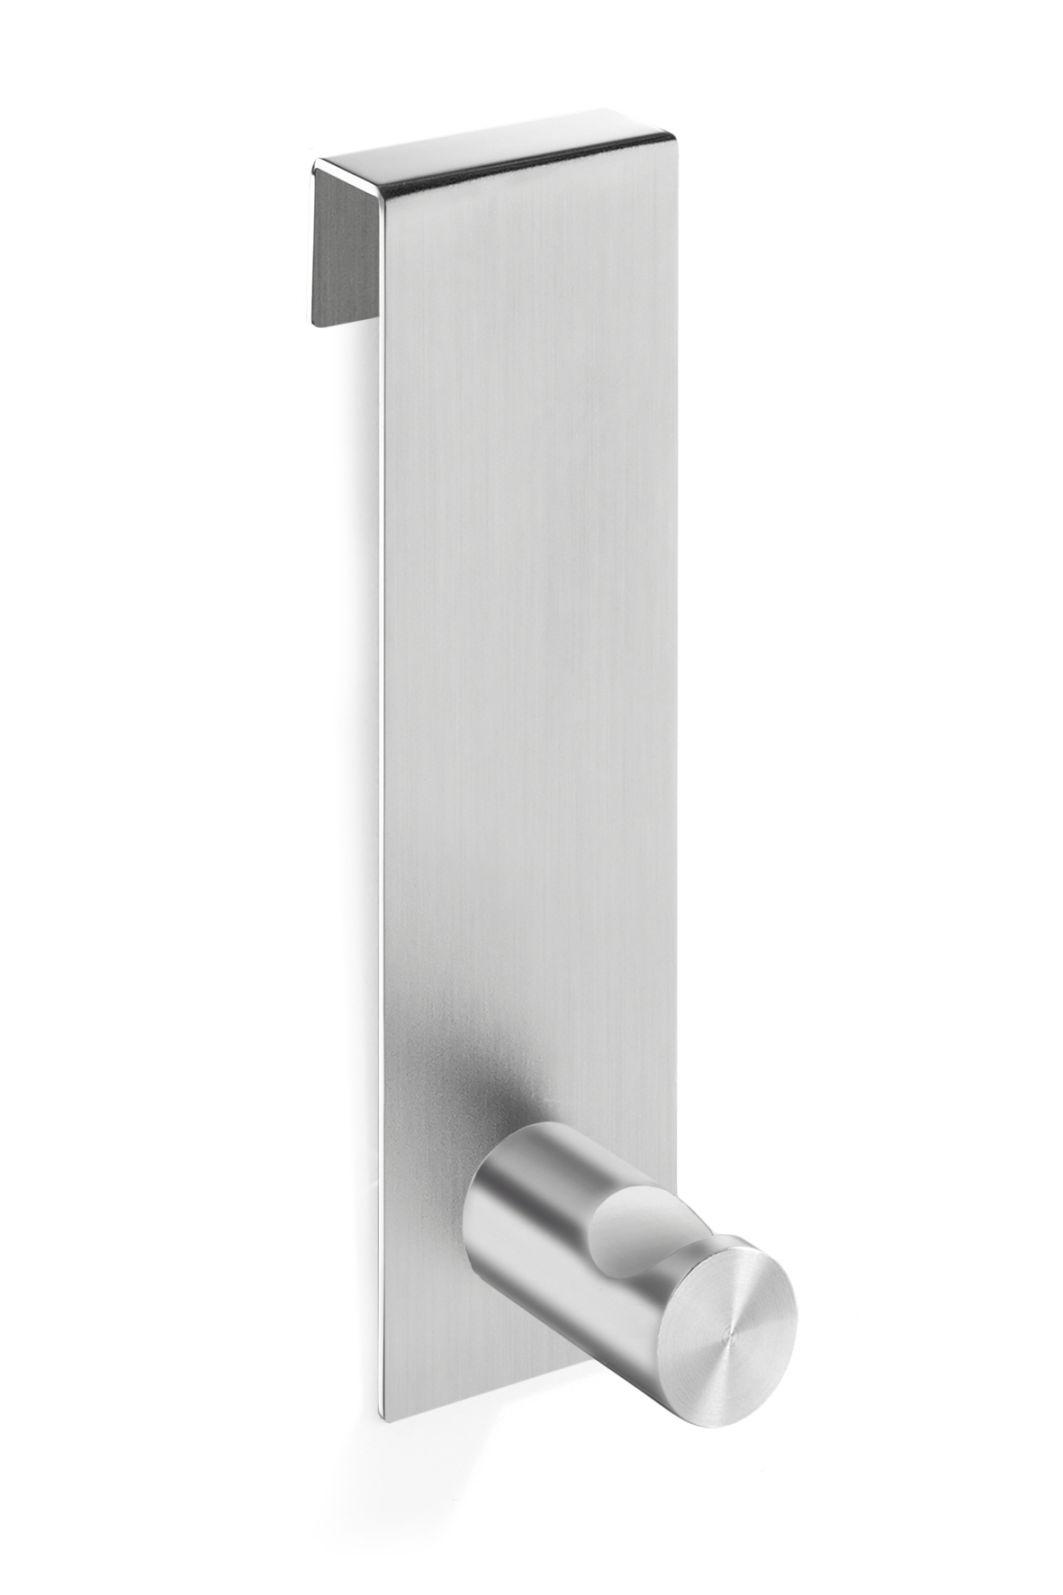 Háček na skleněnou sprchovou clonu BATOS - ZACK